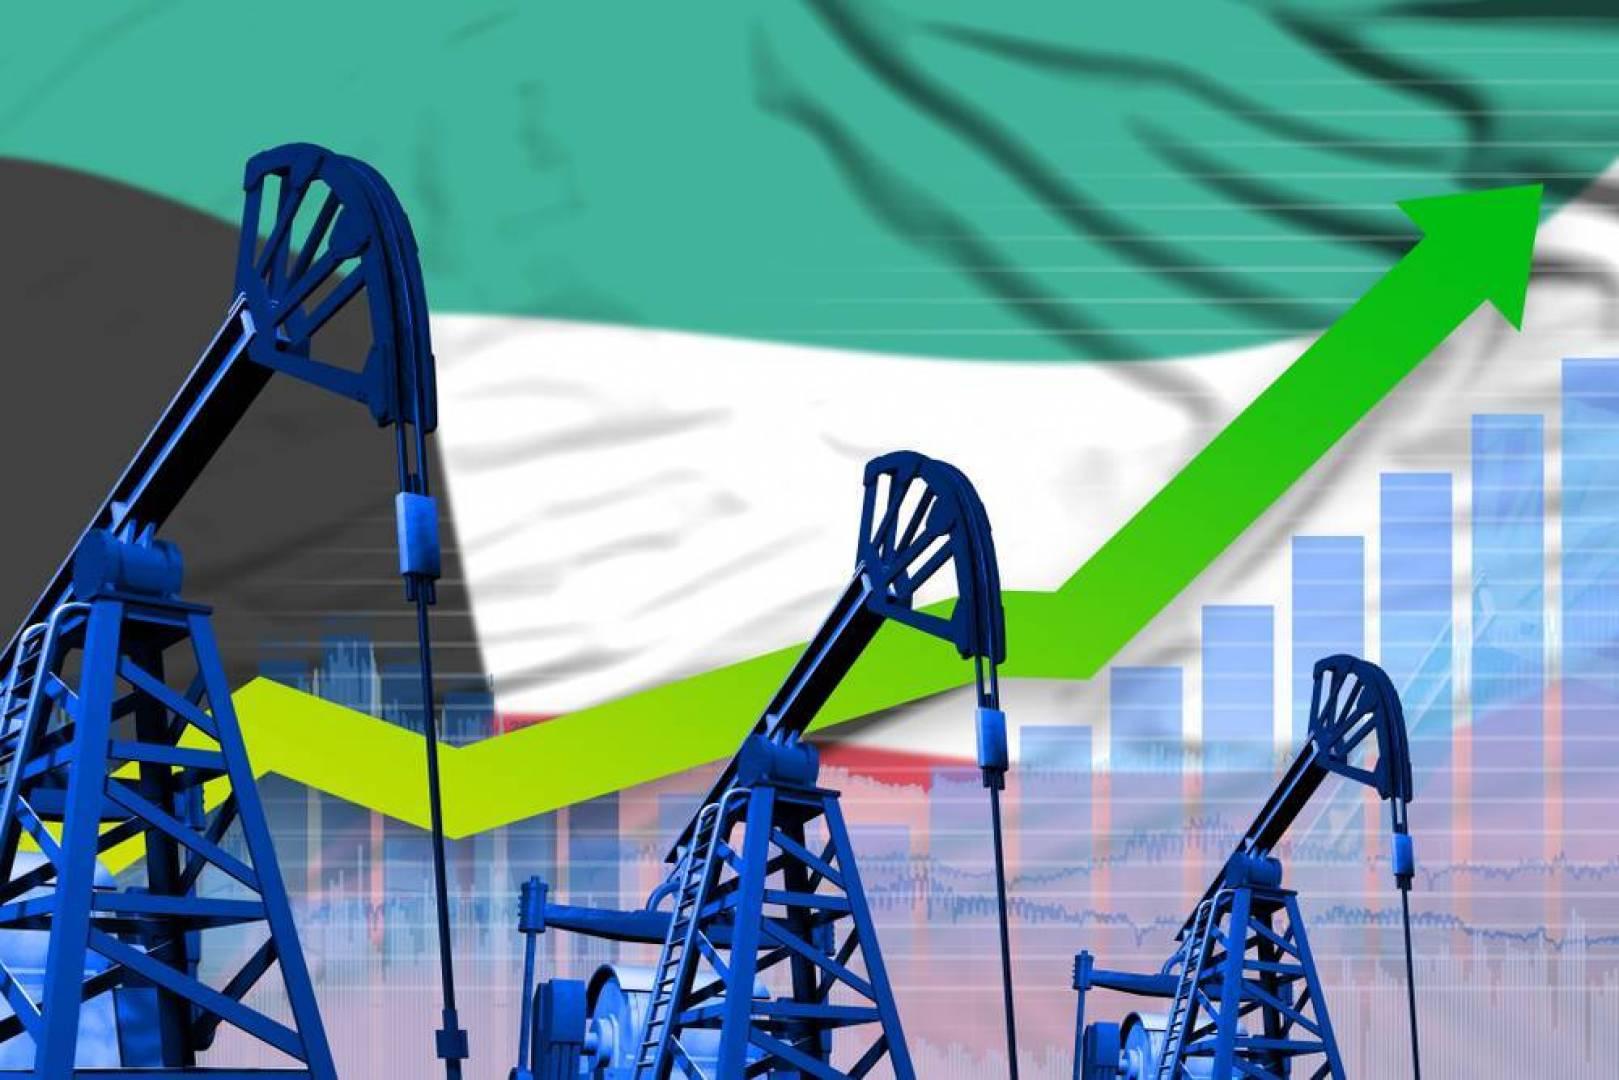 shutterstock 1447233851 515641 912344 highres - ارتفاع سعر برميل النفط الكويتي 6.82 دولار